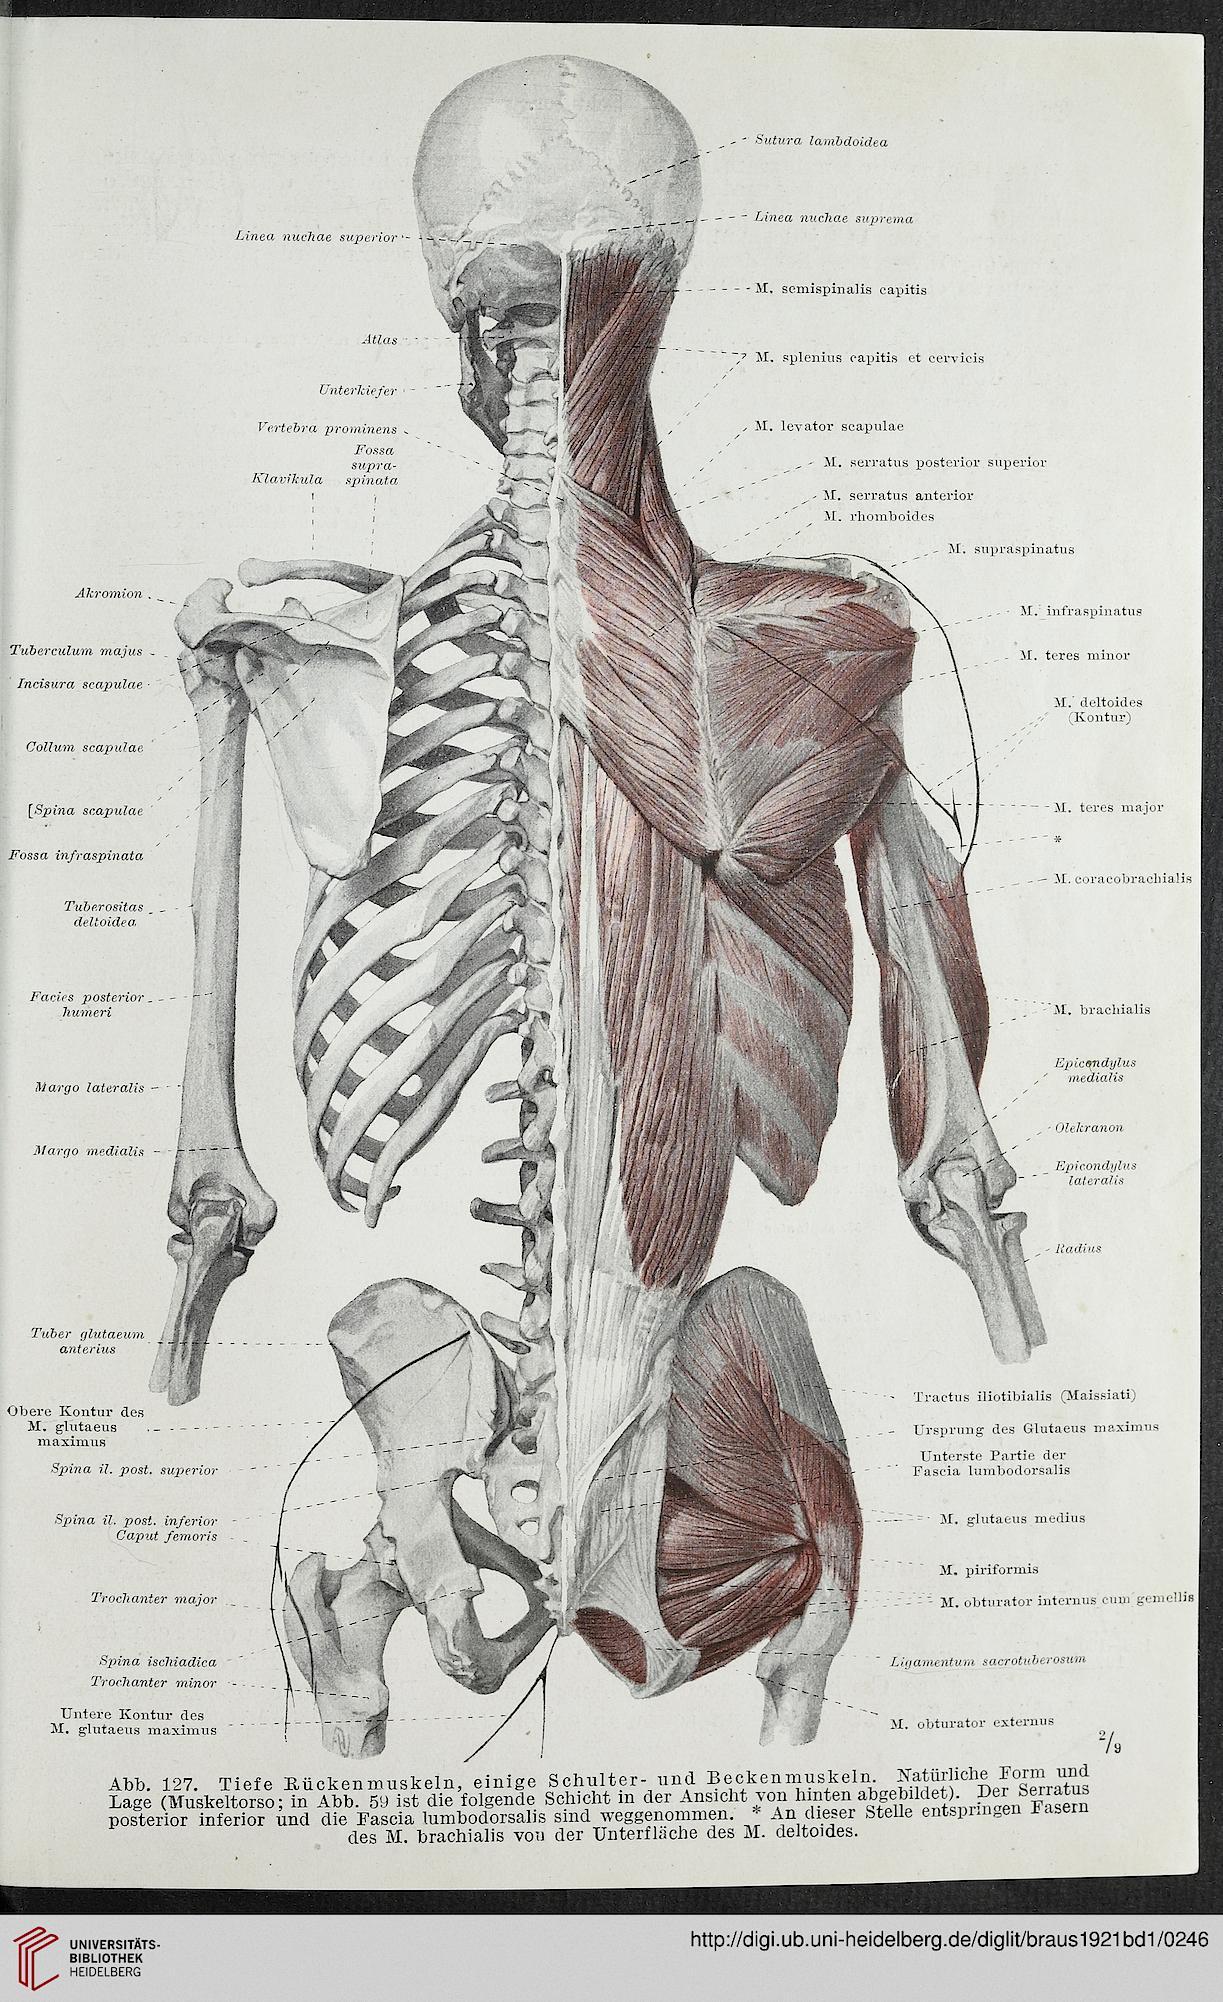 14 Neu Anatomie Des Menschen Innere organe Grafiken - insservices.biz